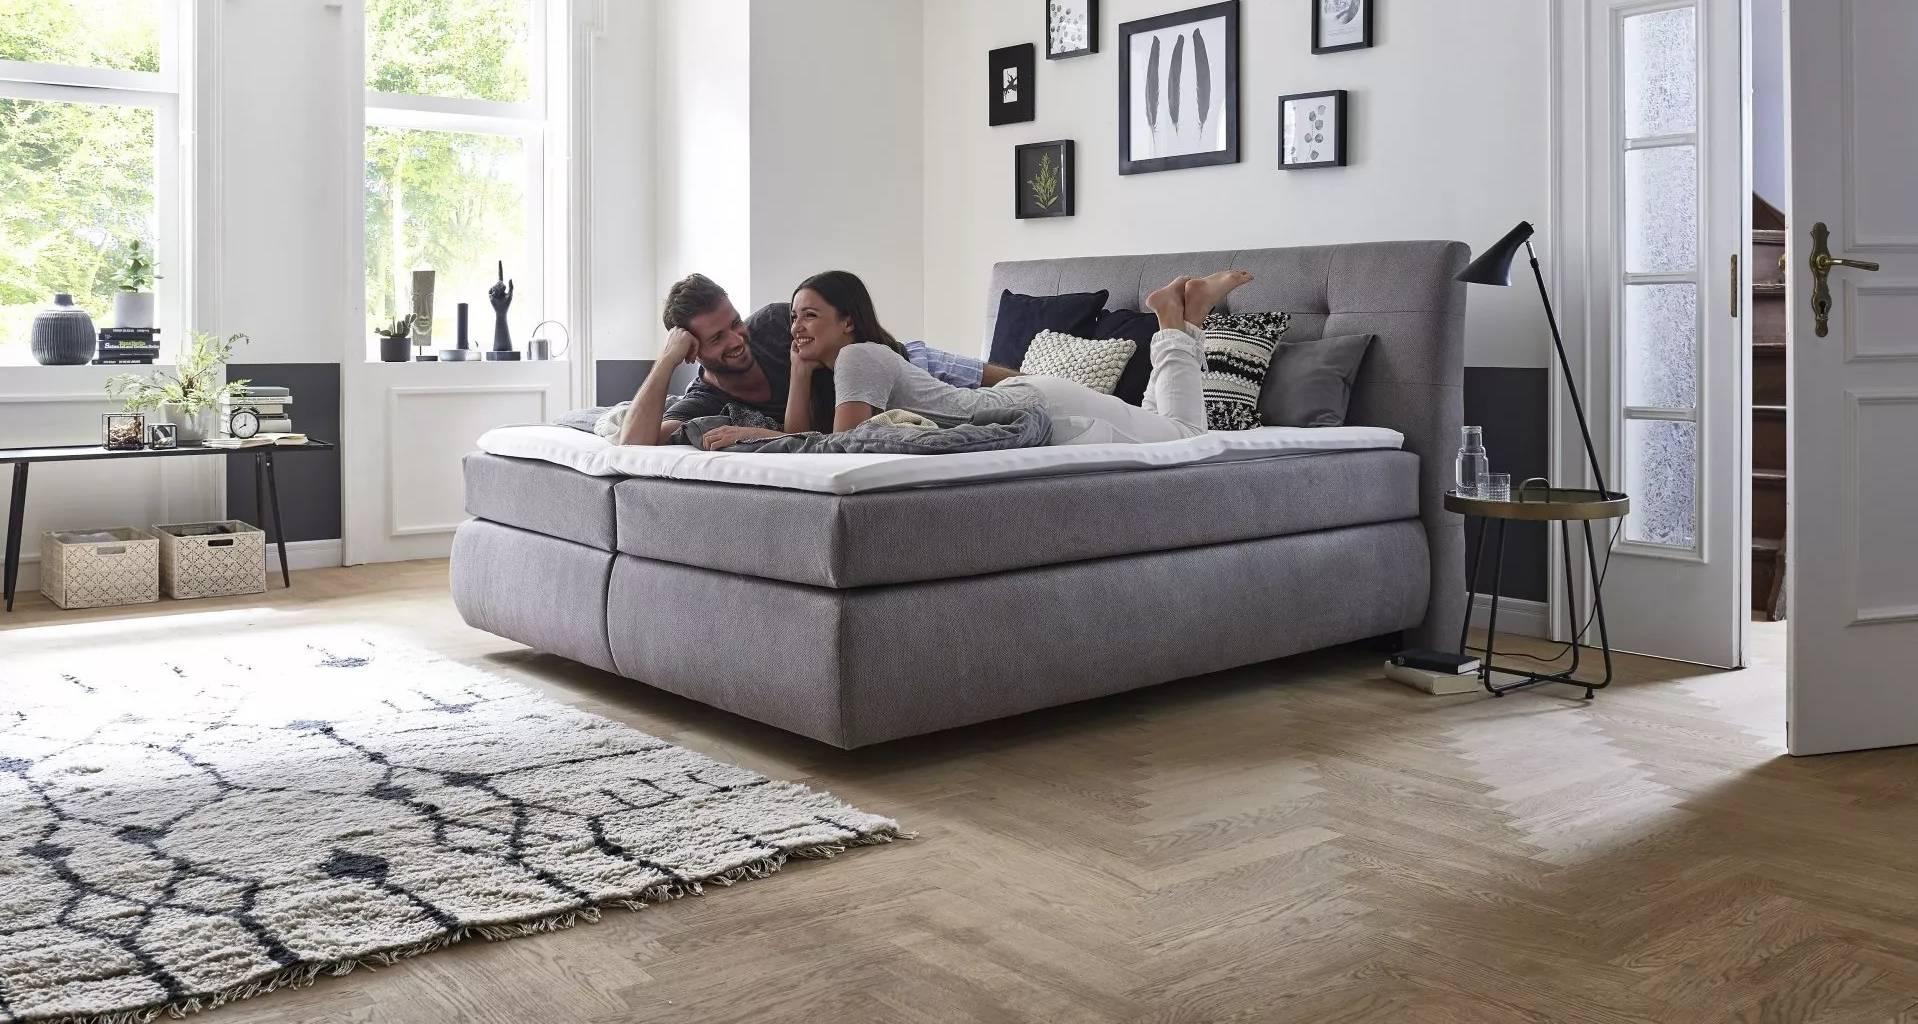 Prodej nábytku do ložnice - postele, komody, stolky